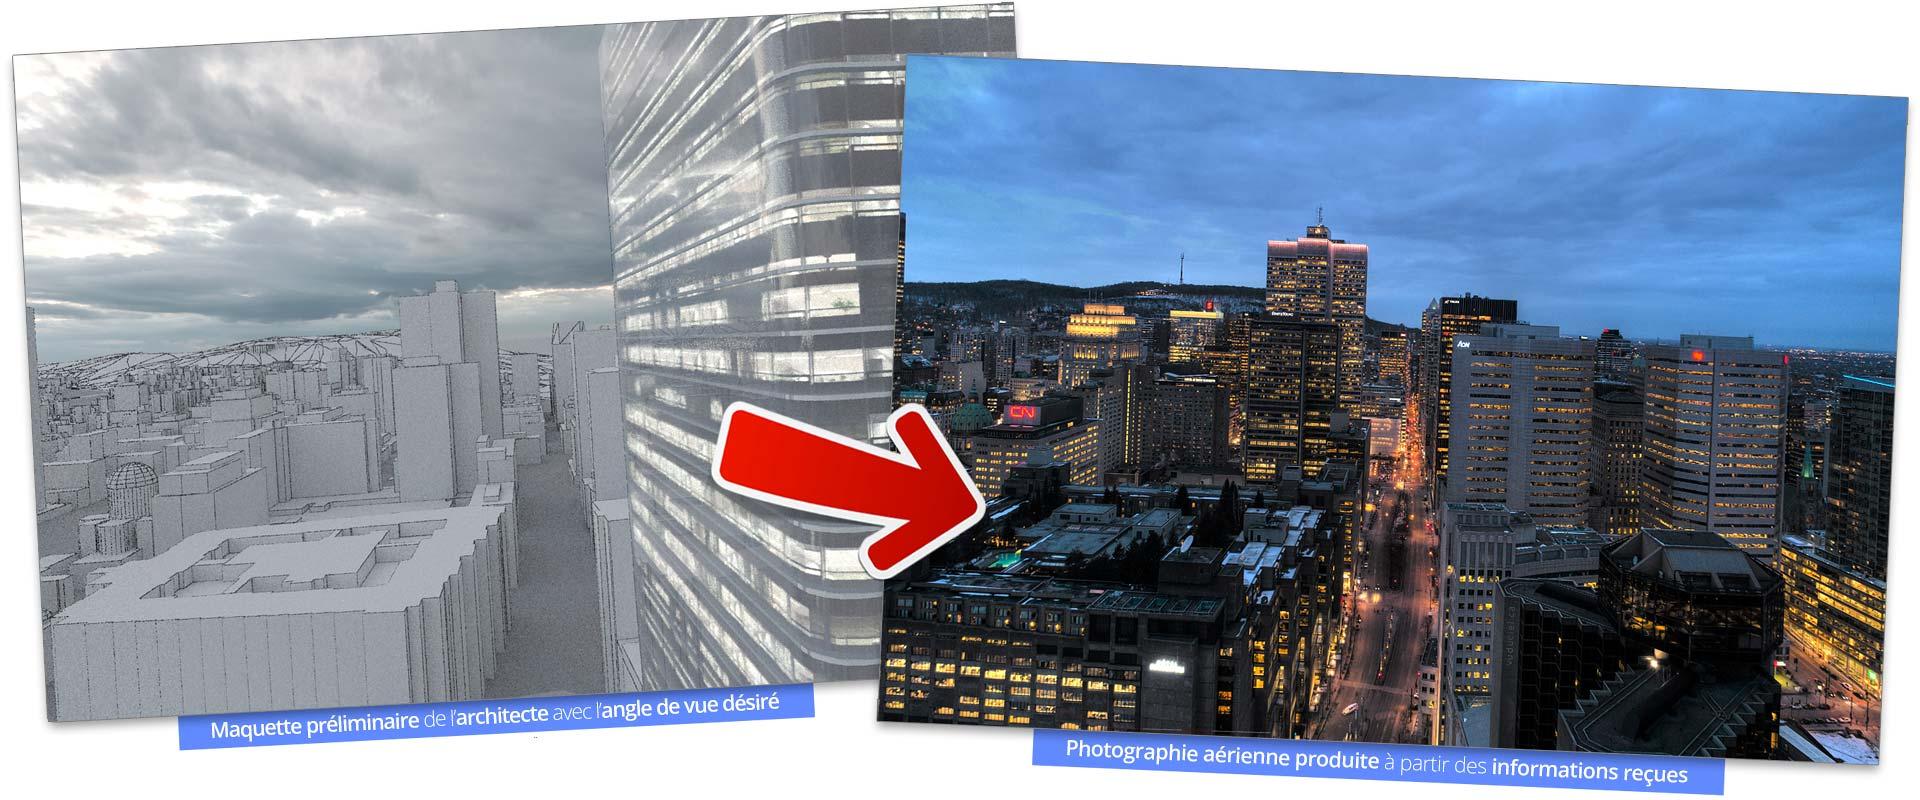 Photographie aérienne basée sur les demandes de l'architecte